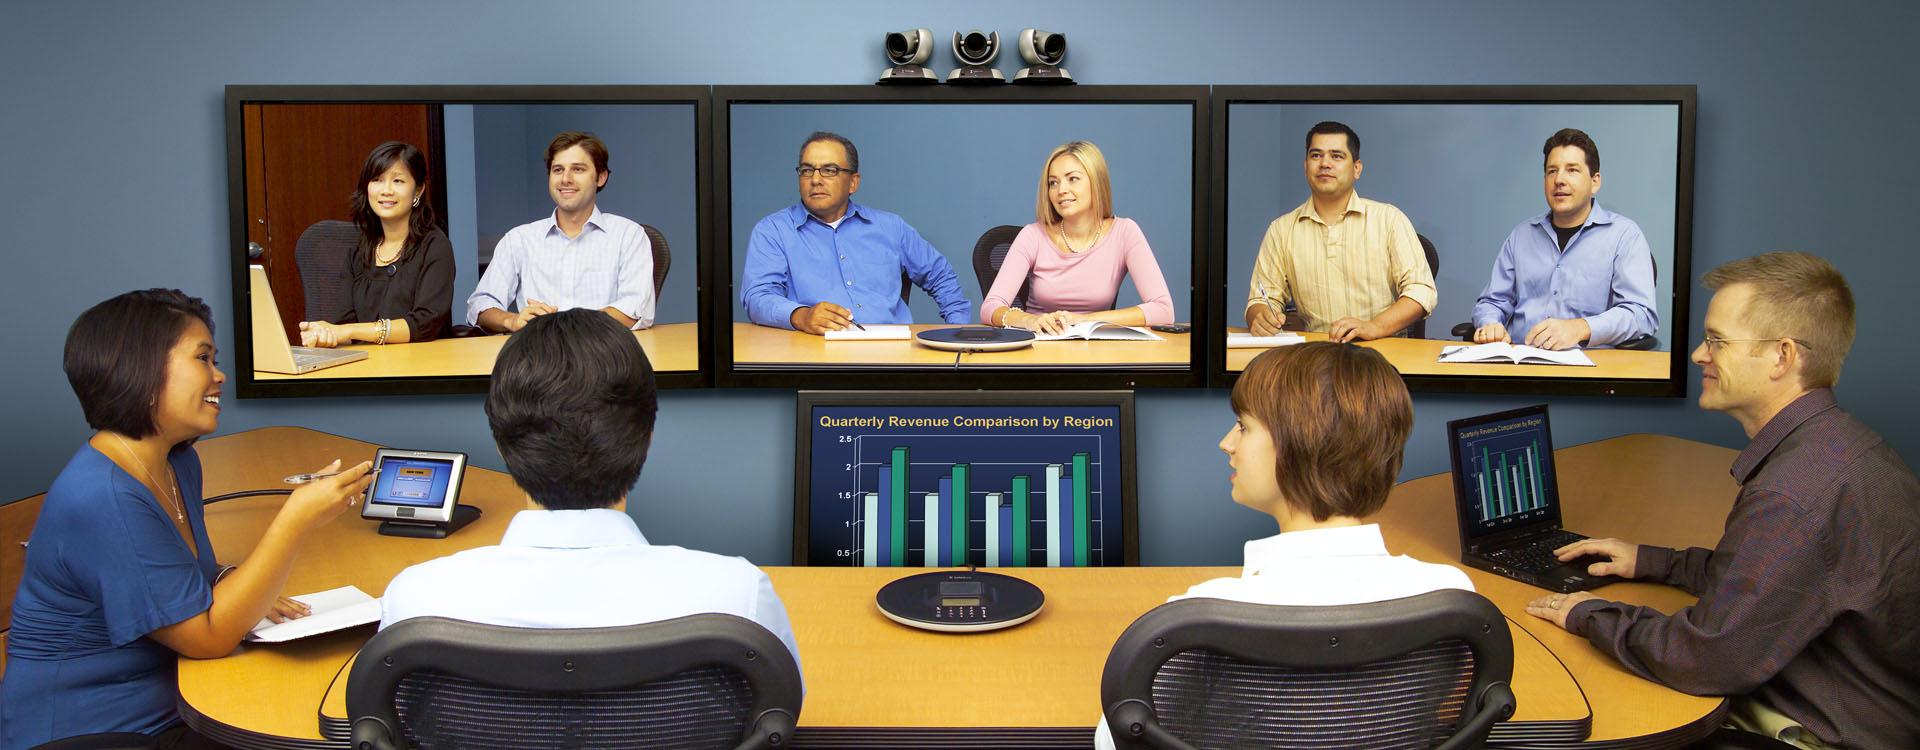 مشاوره ، طراحی و اجرای سیستم های کنفرانس و ویدئو کنفرانس